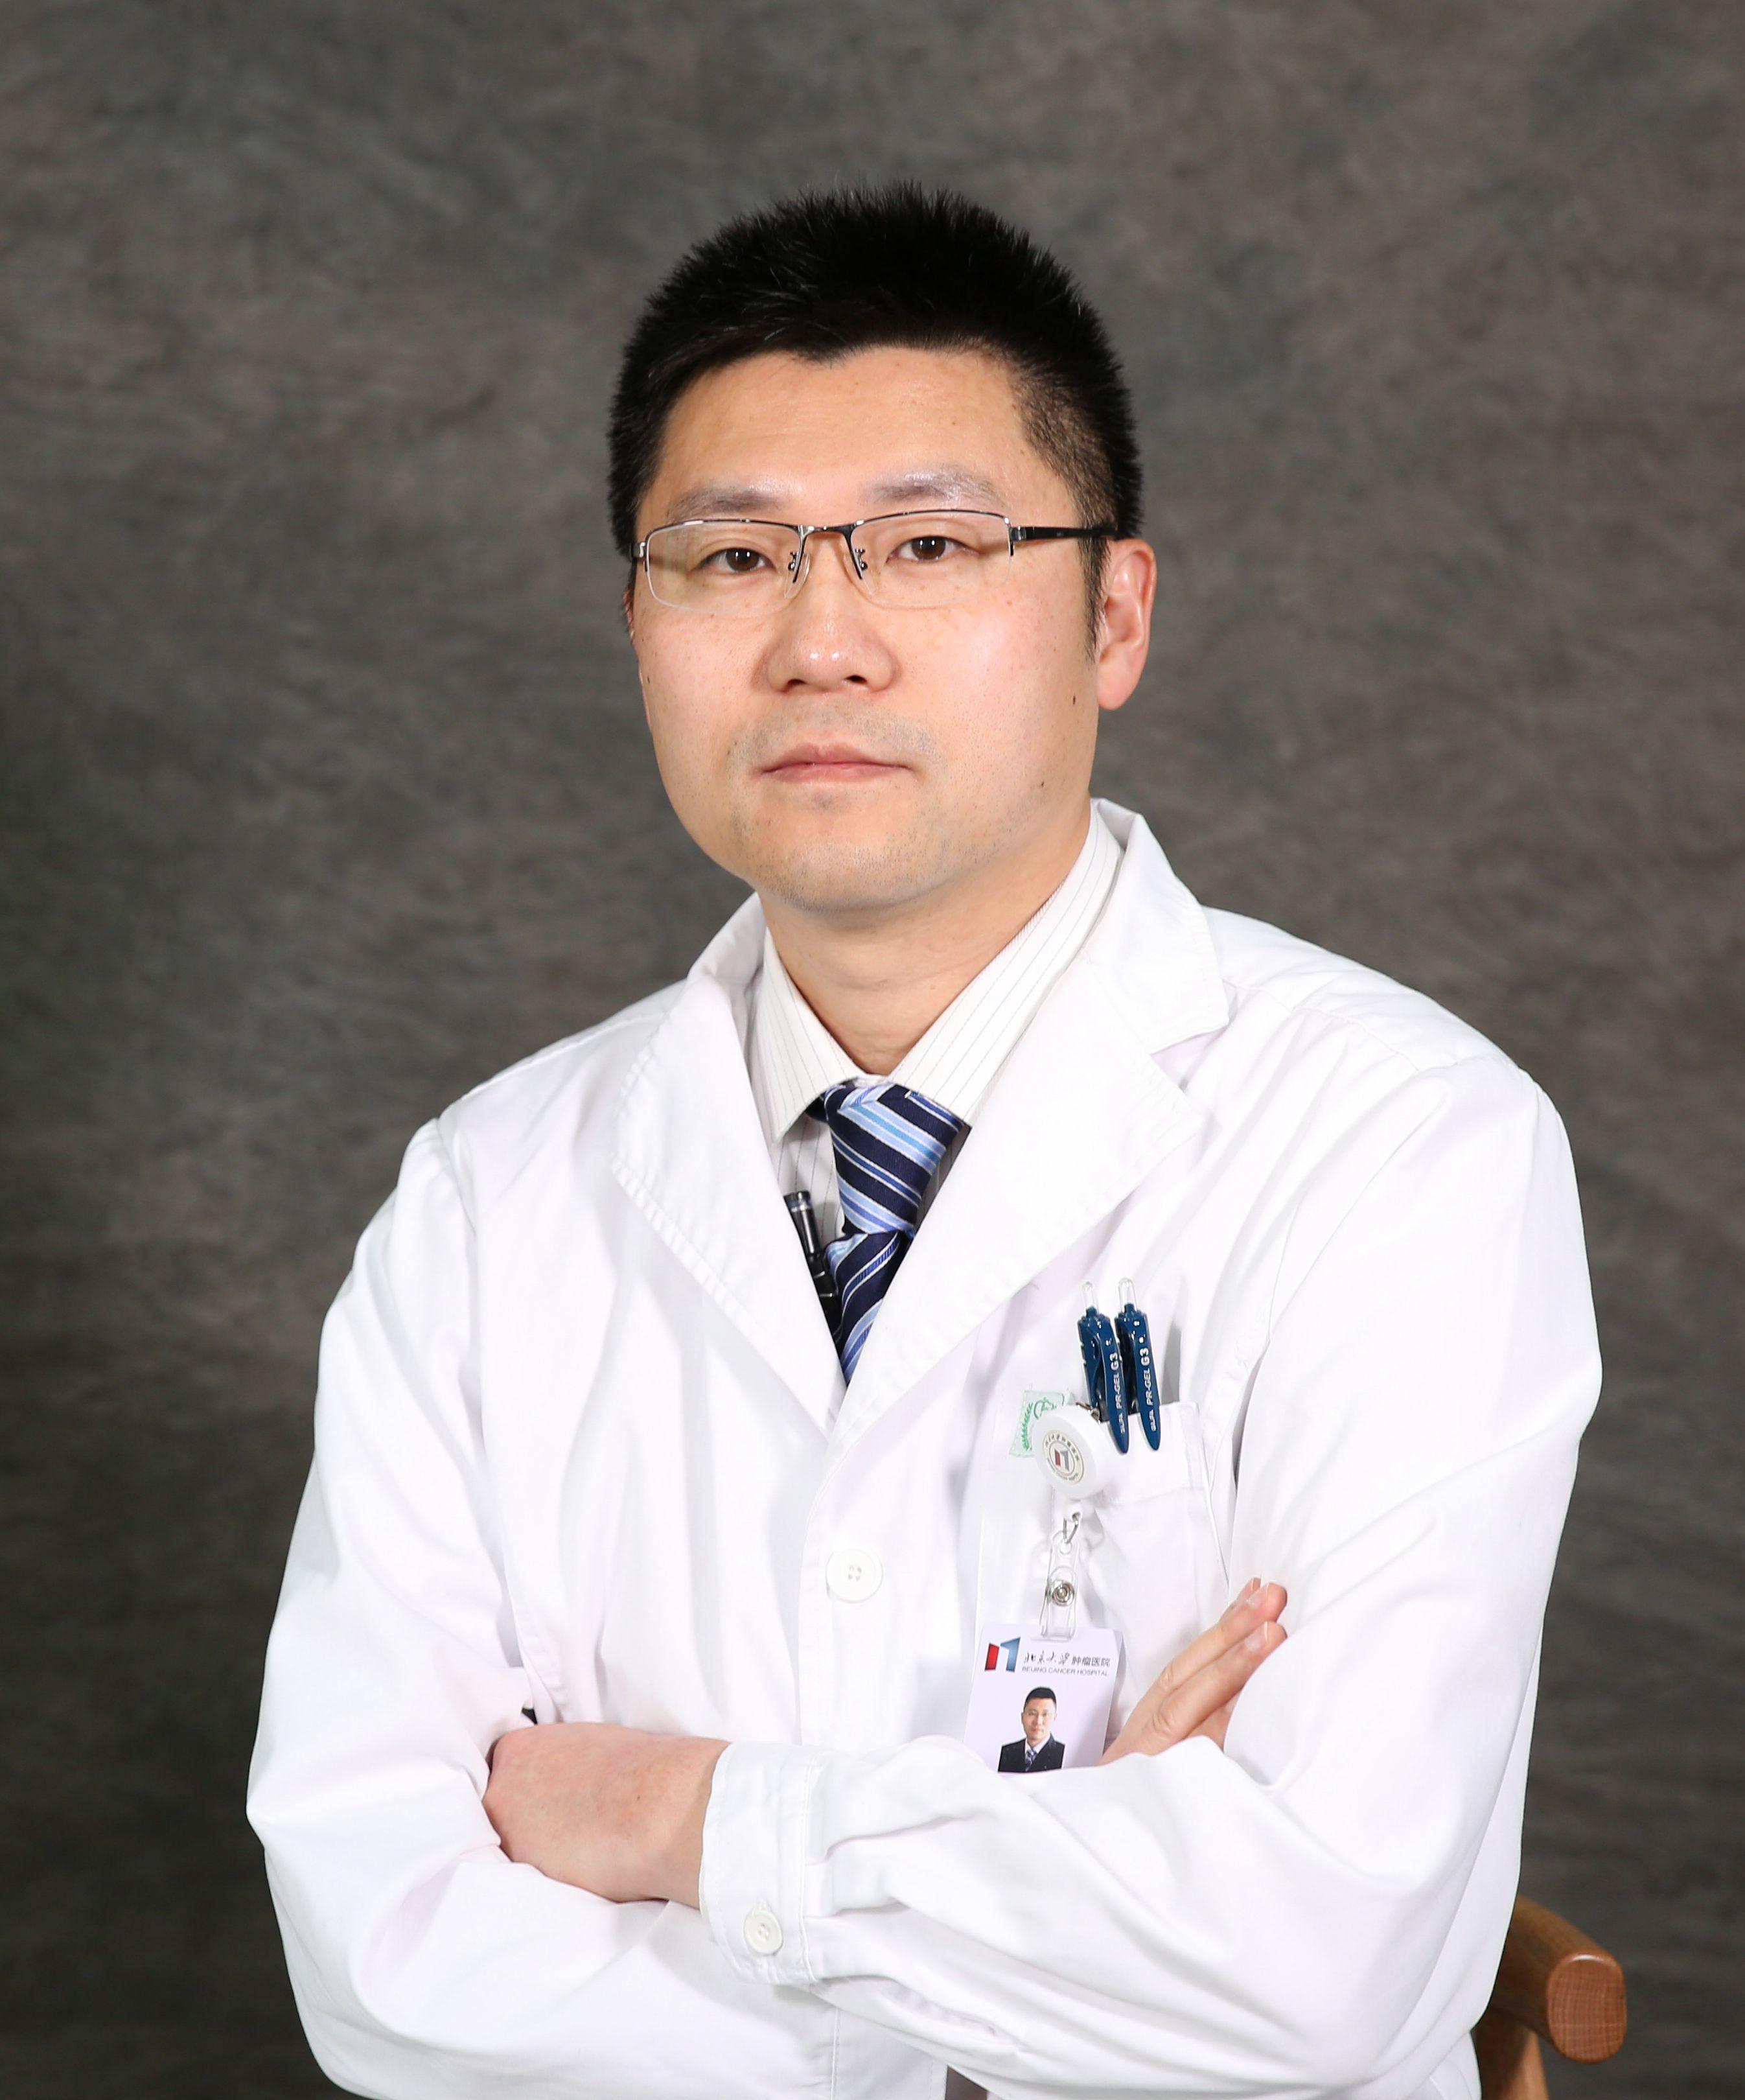 中国中医科学院院长_2017新版健康解码_新华视频_中国领先的文化视频平台